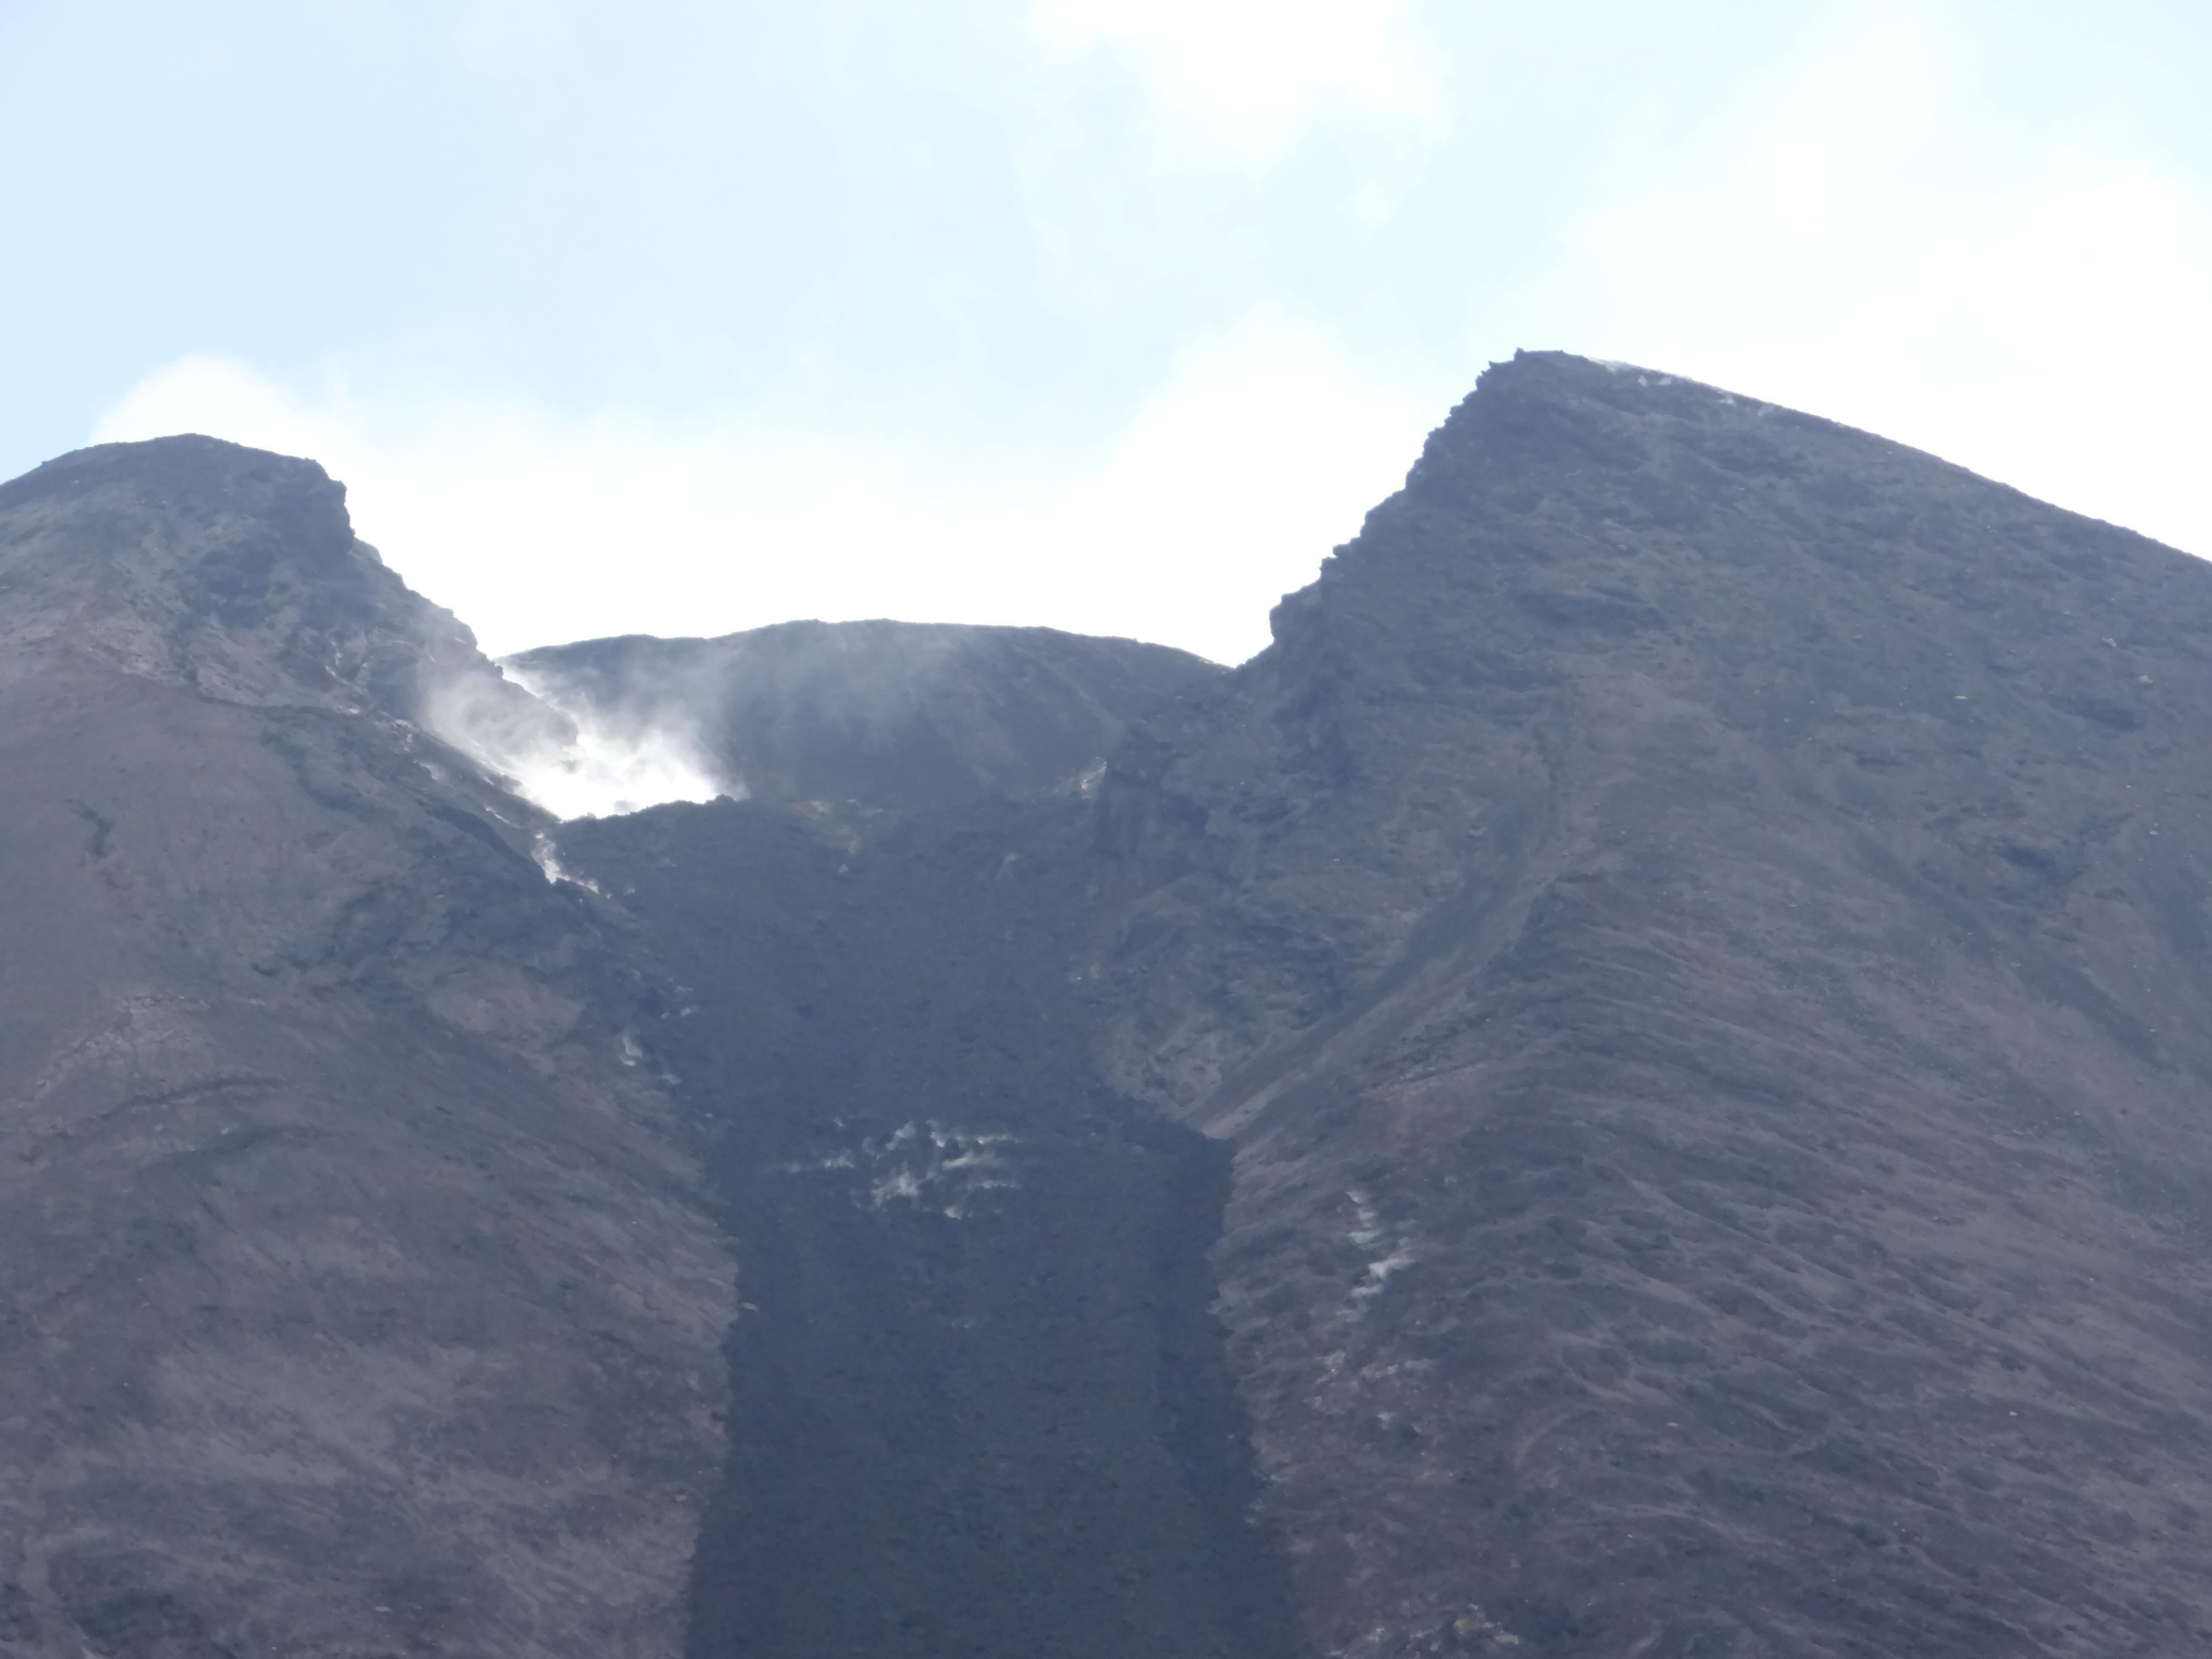 Gf amatitlan guatemala - 3 part 6